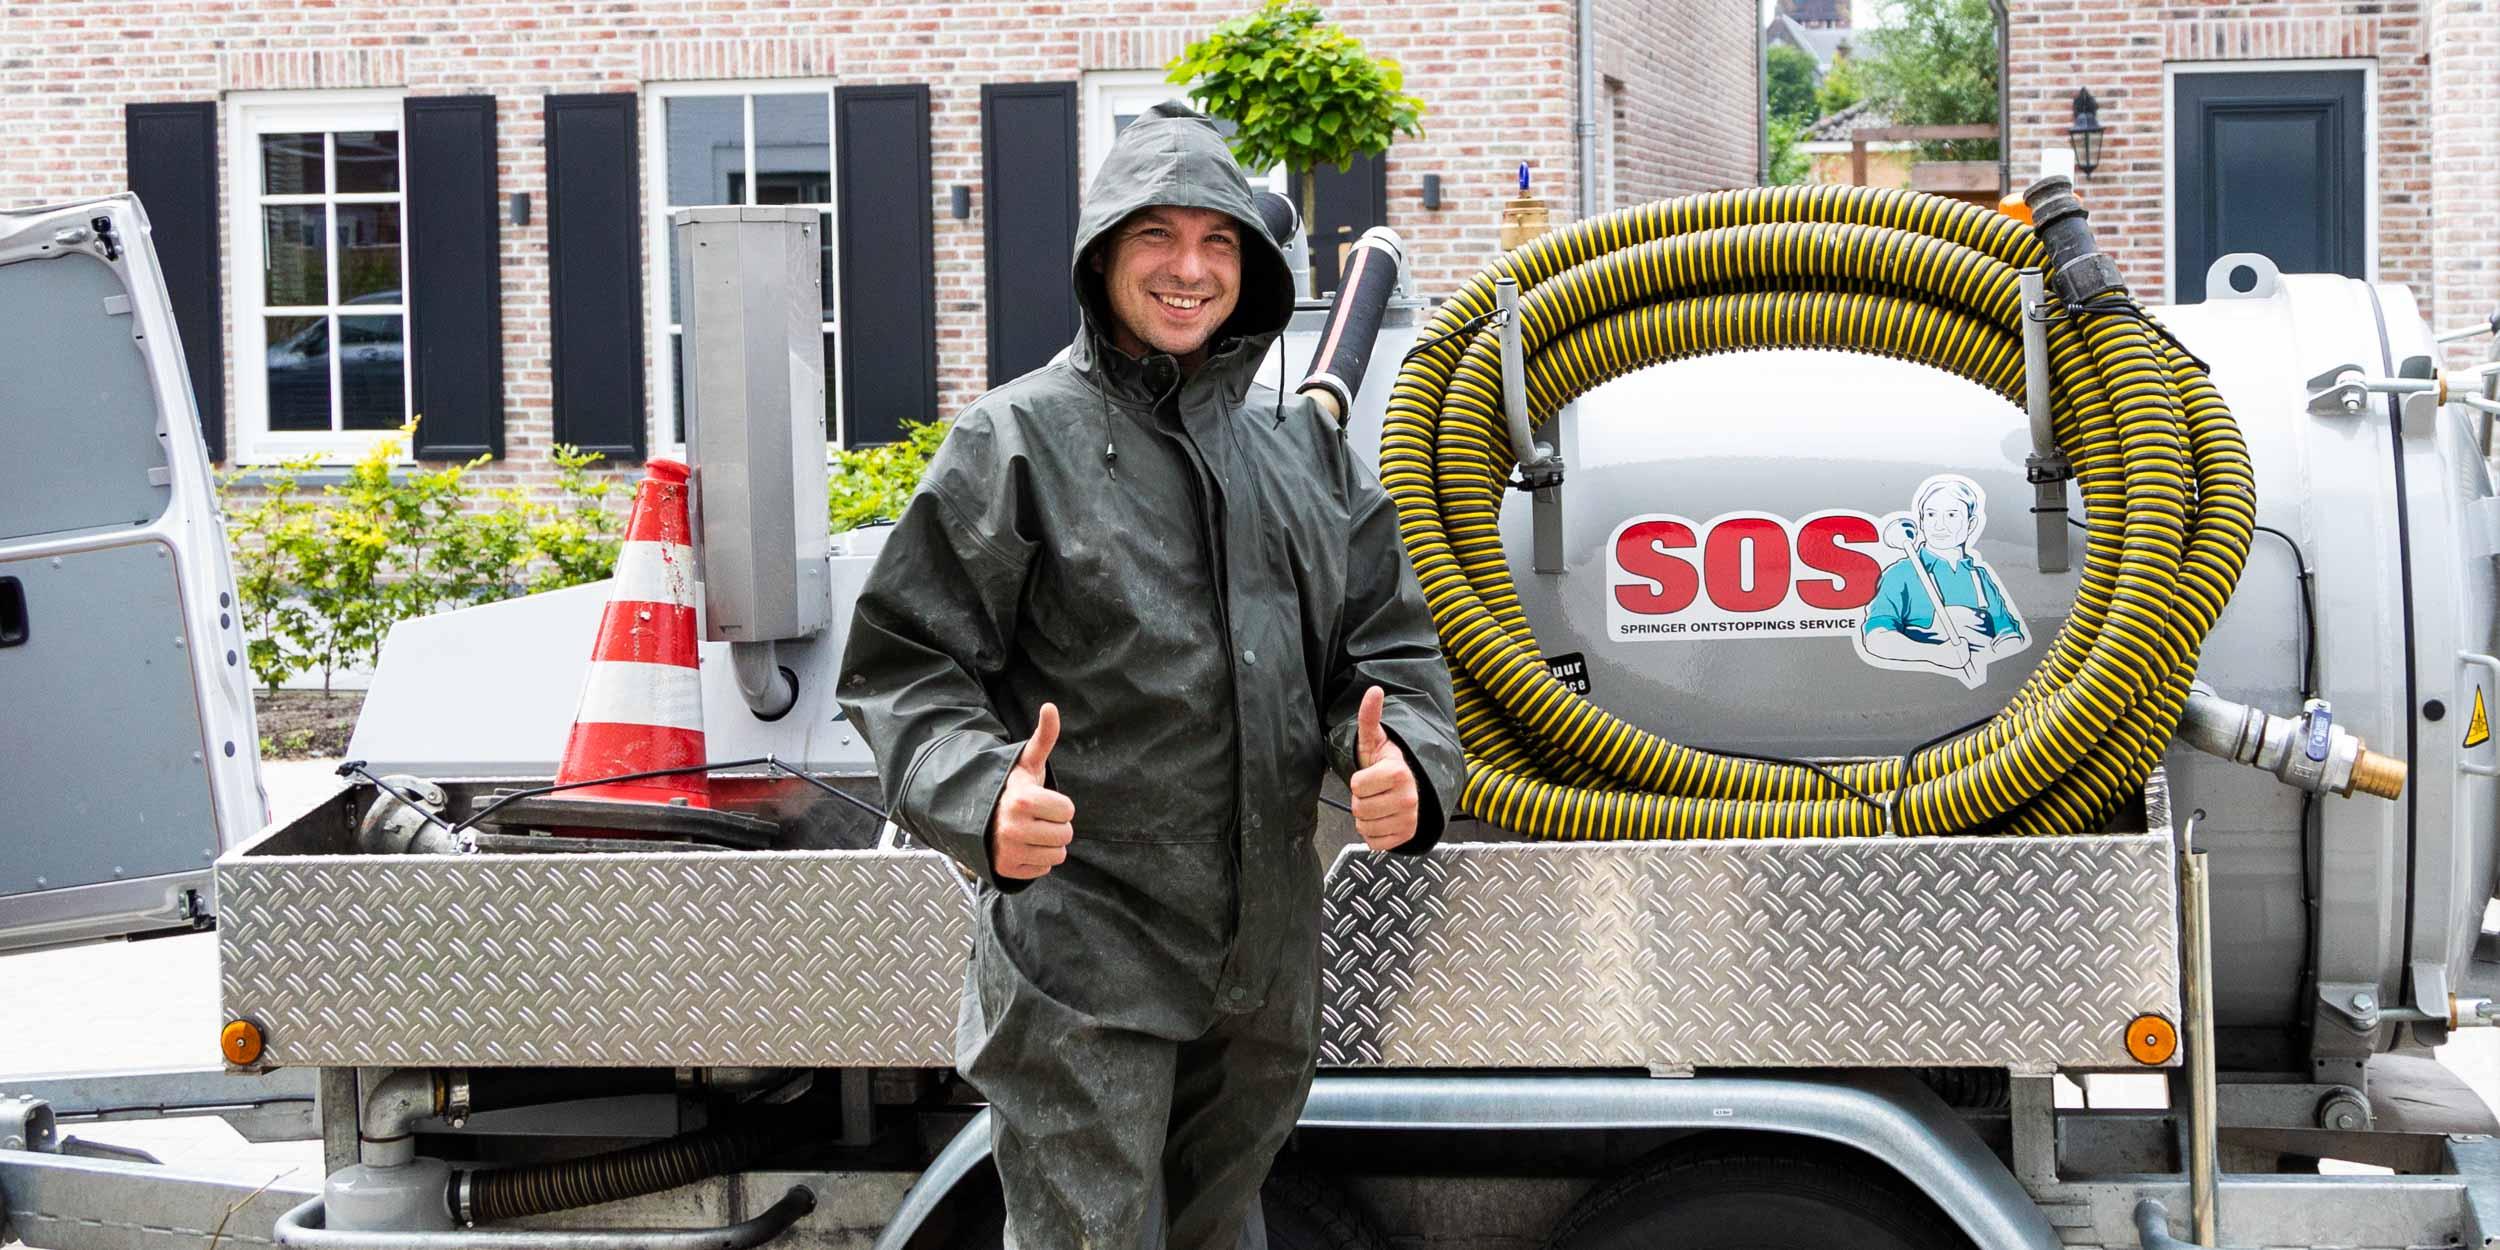 vloeistoffen-opzuigen-springer-rioolservice